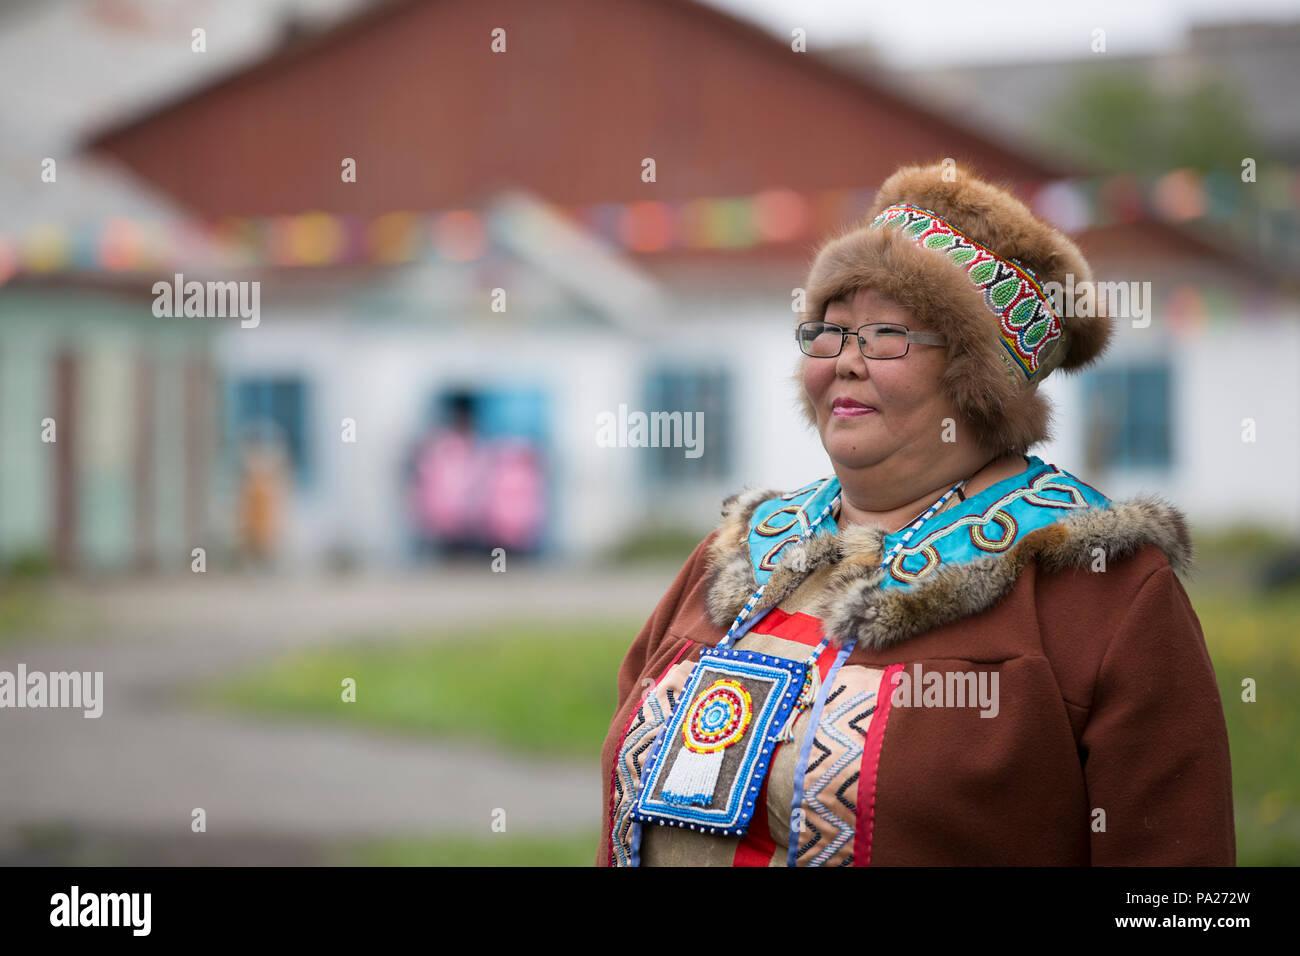 Donna in costume tradizionale, Okhotsk city, Russia Immagini Stock